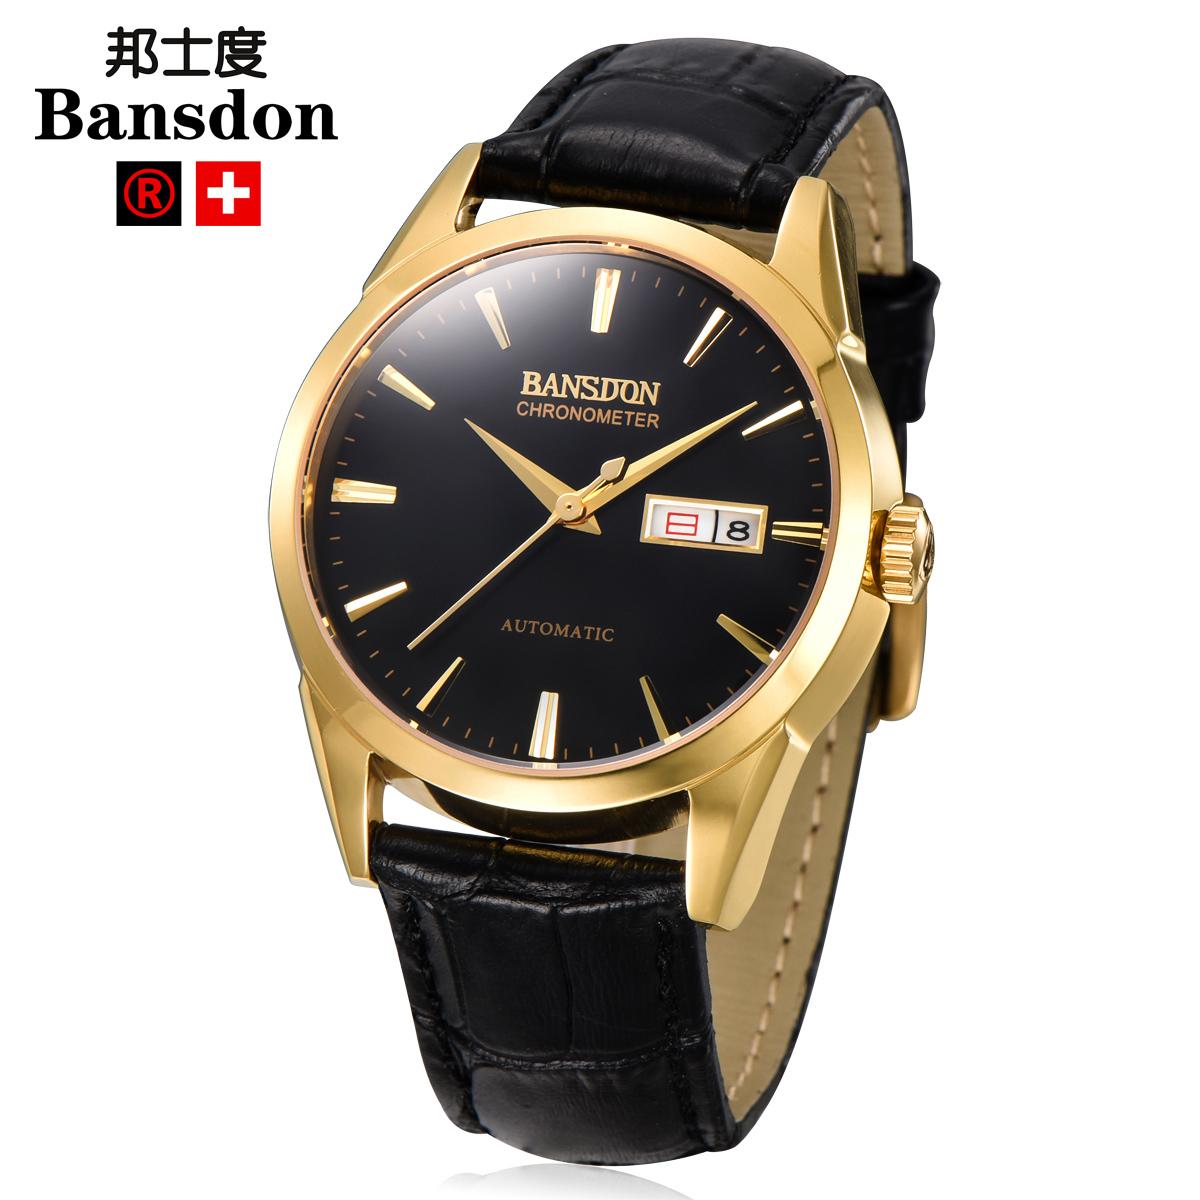 BANSDON邦士度 手表怎么样,手表什么牌子好